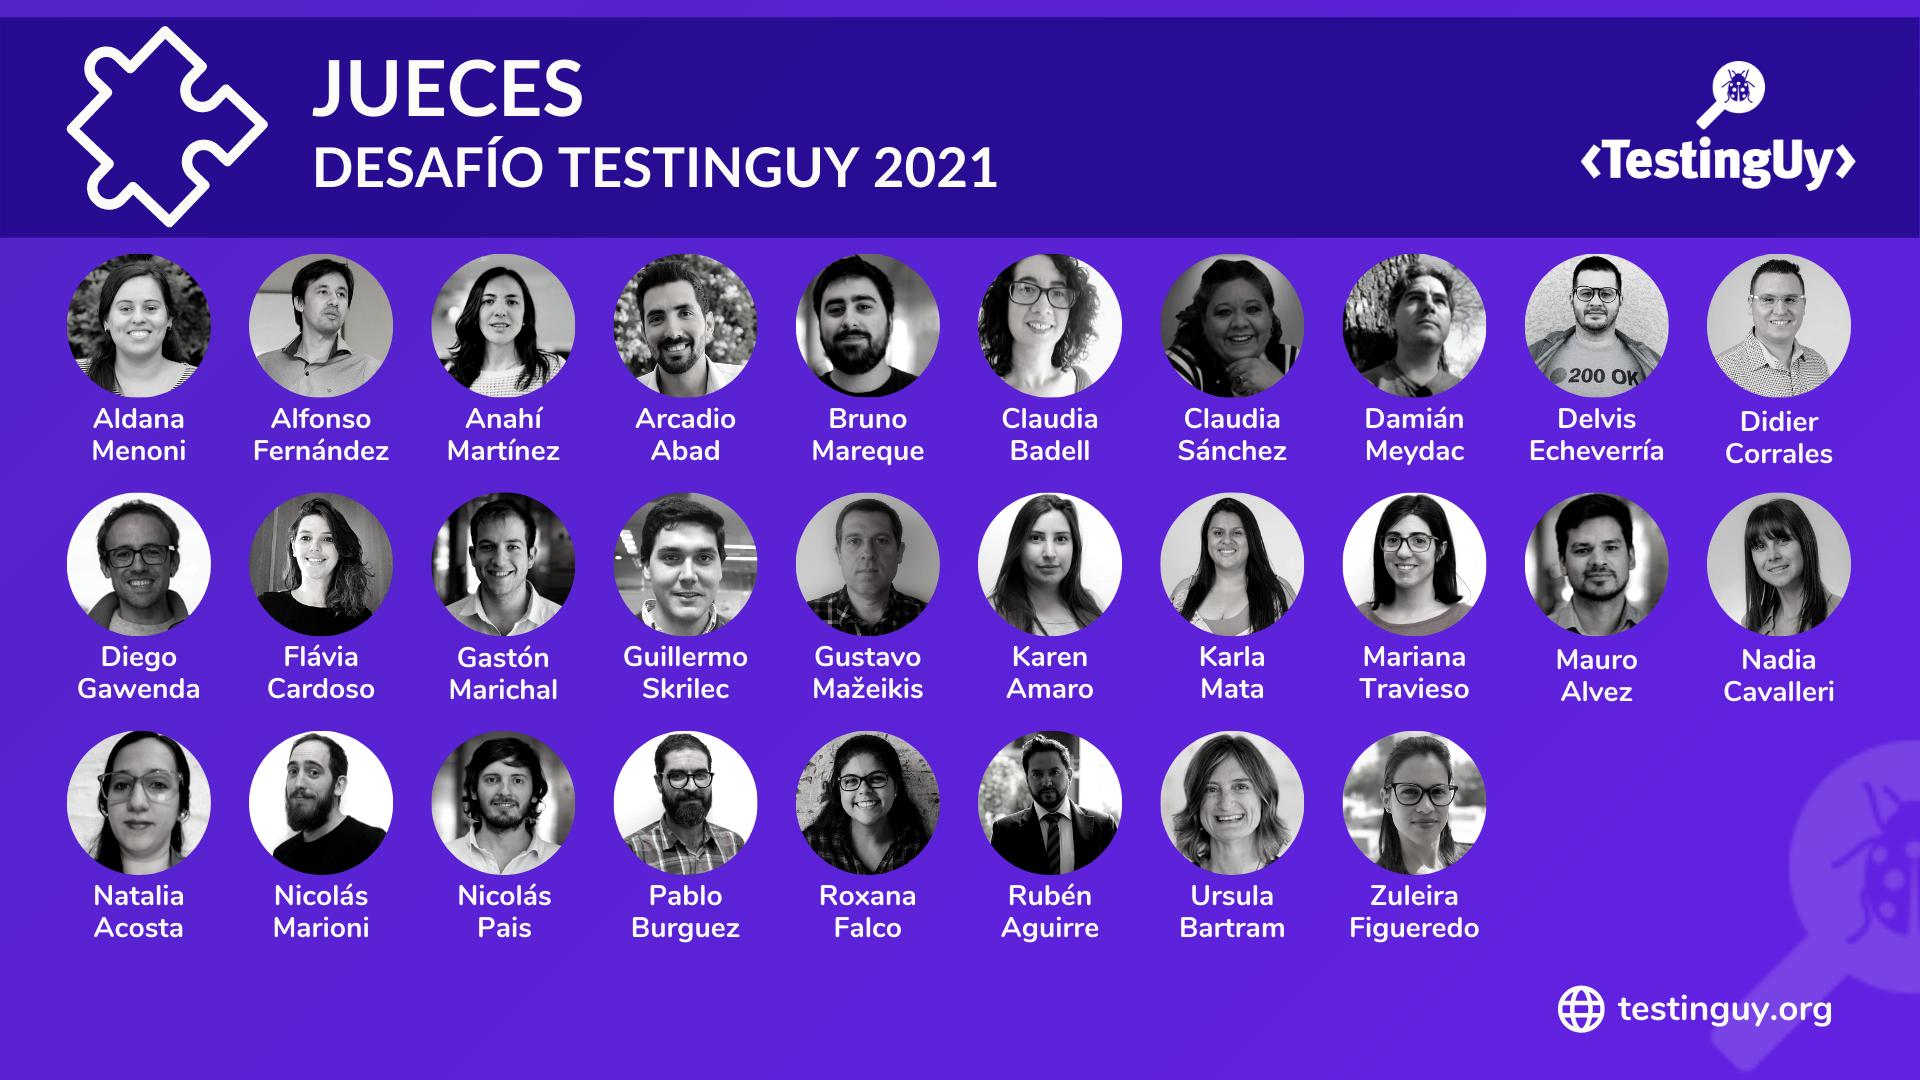 Desafio TestingUy 2021 - Jueces